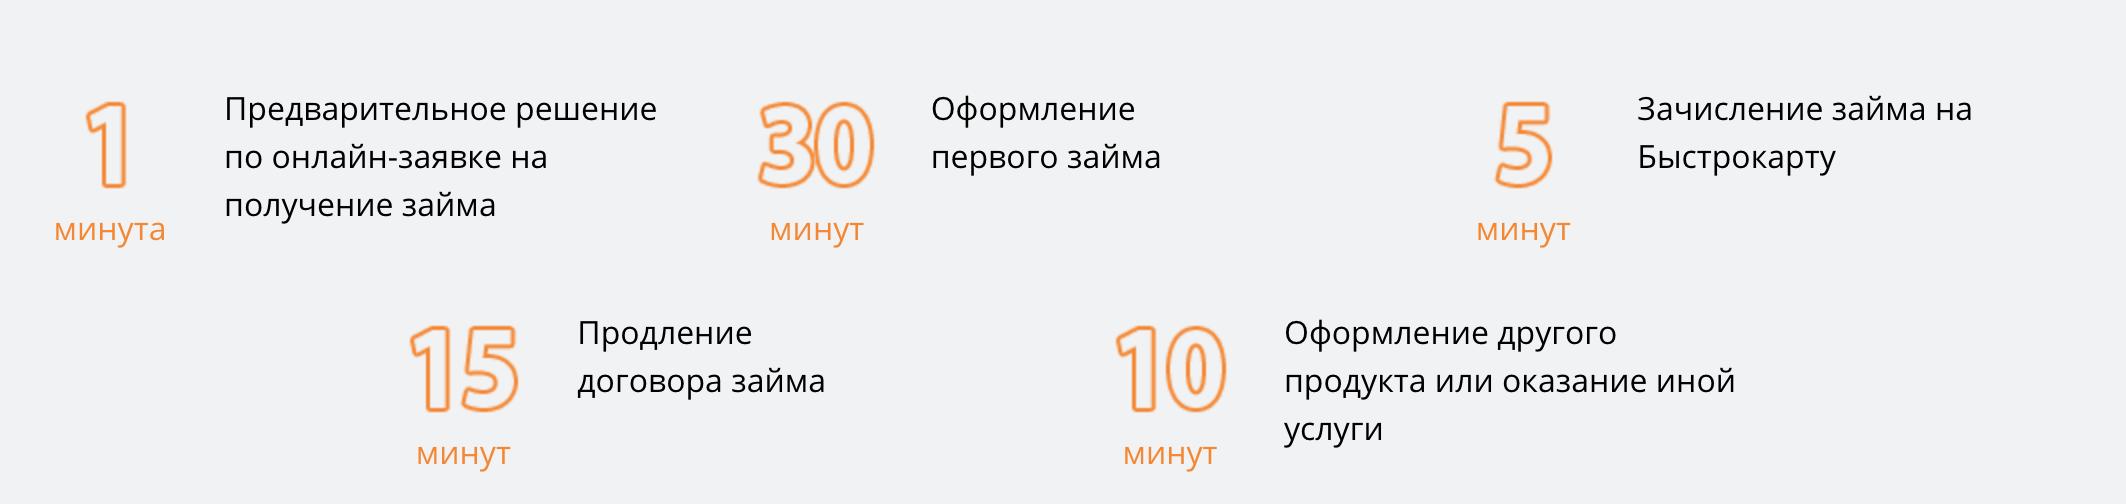 По населению россия занимает в мире